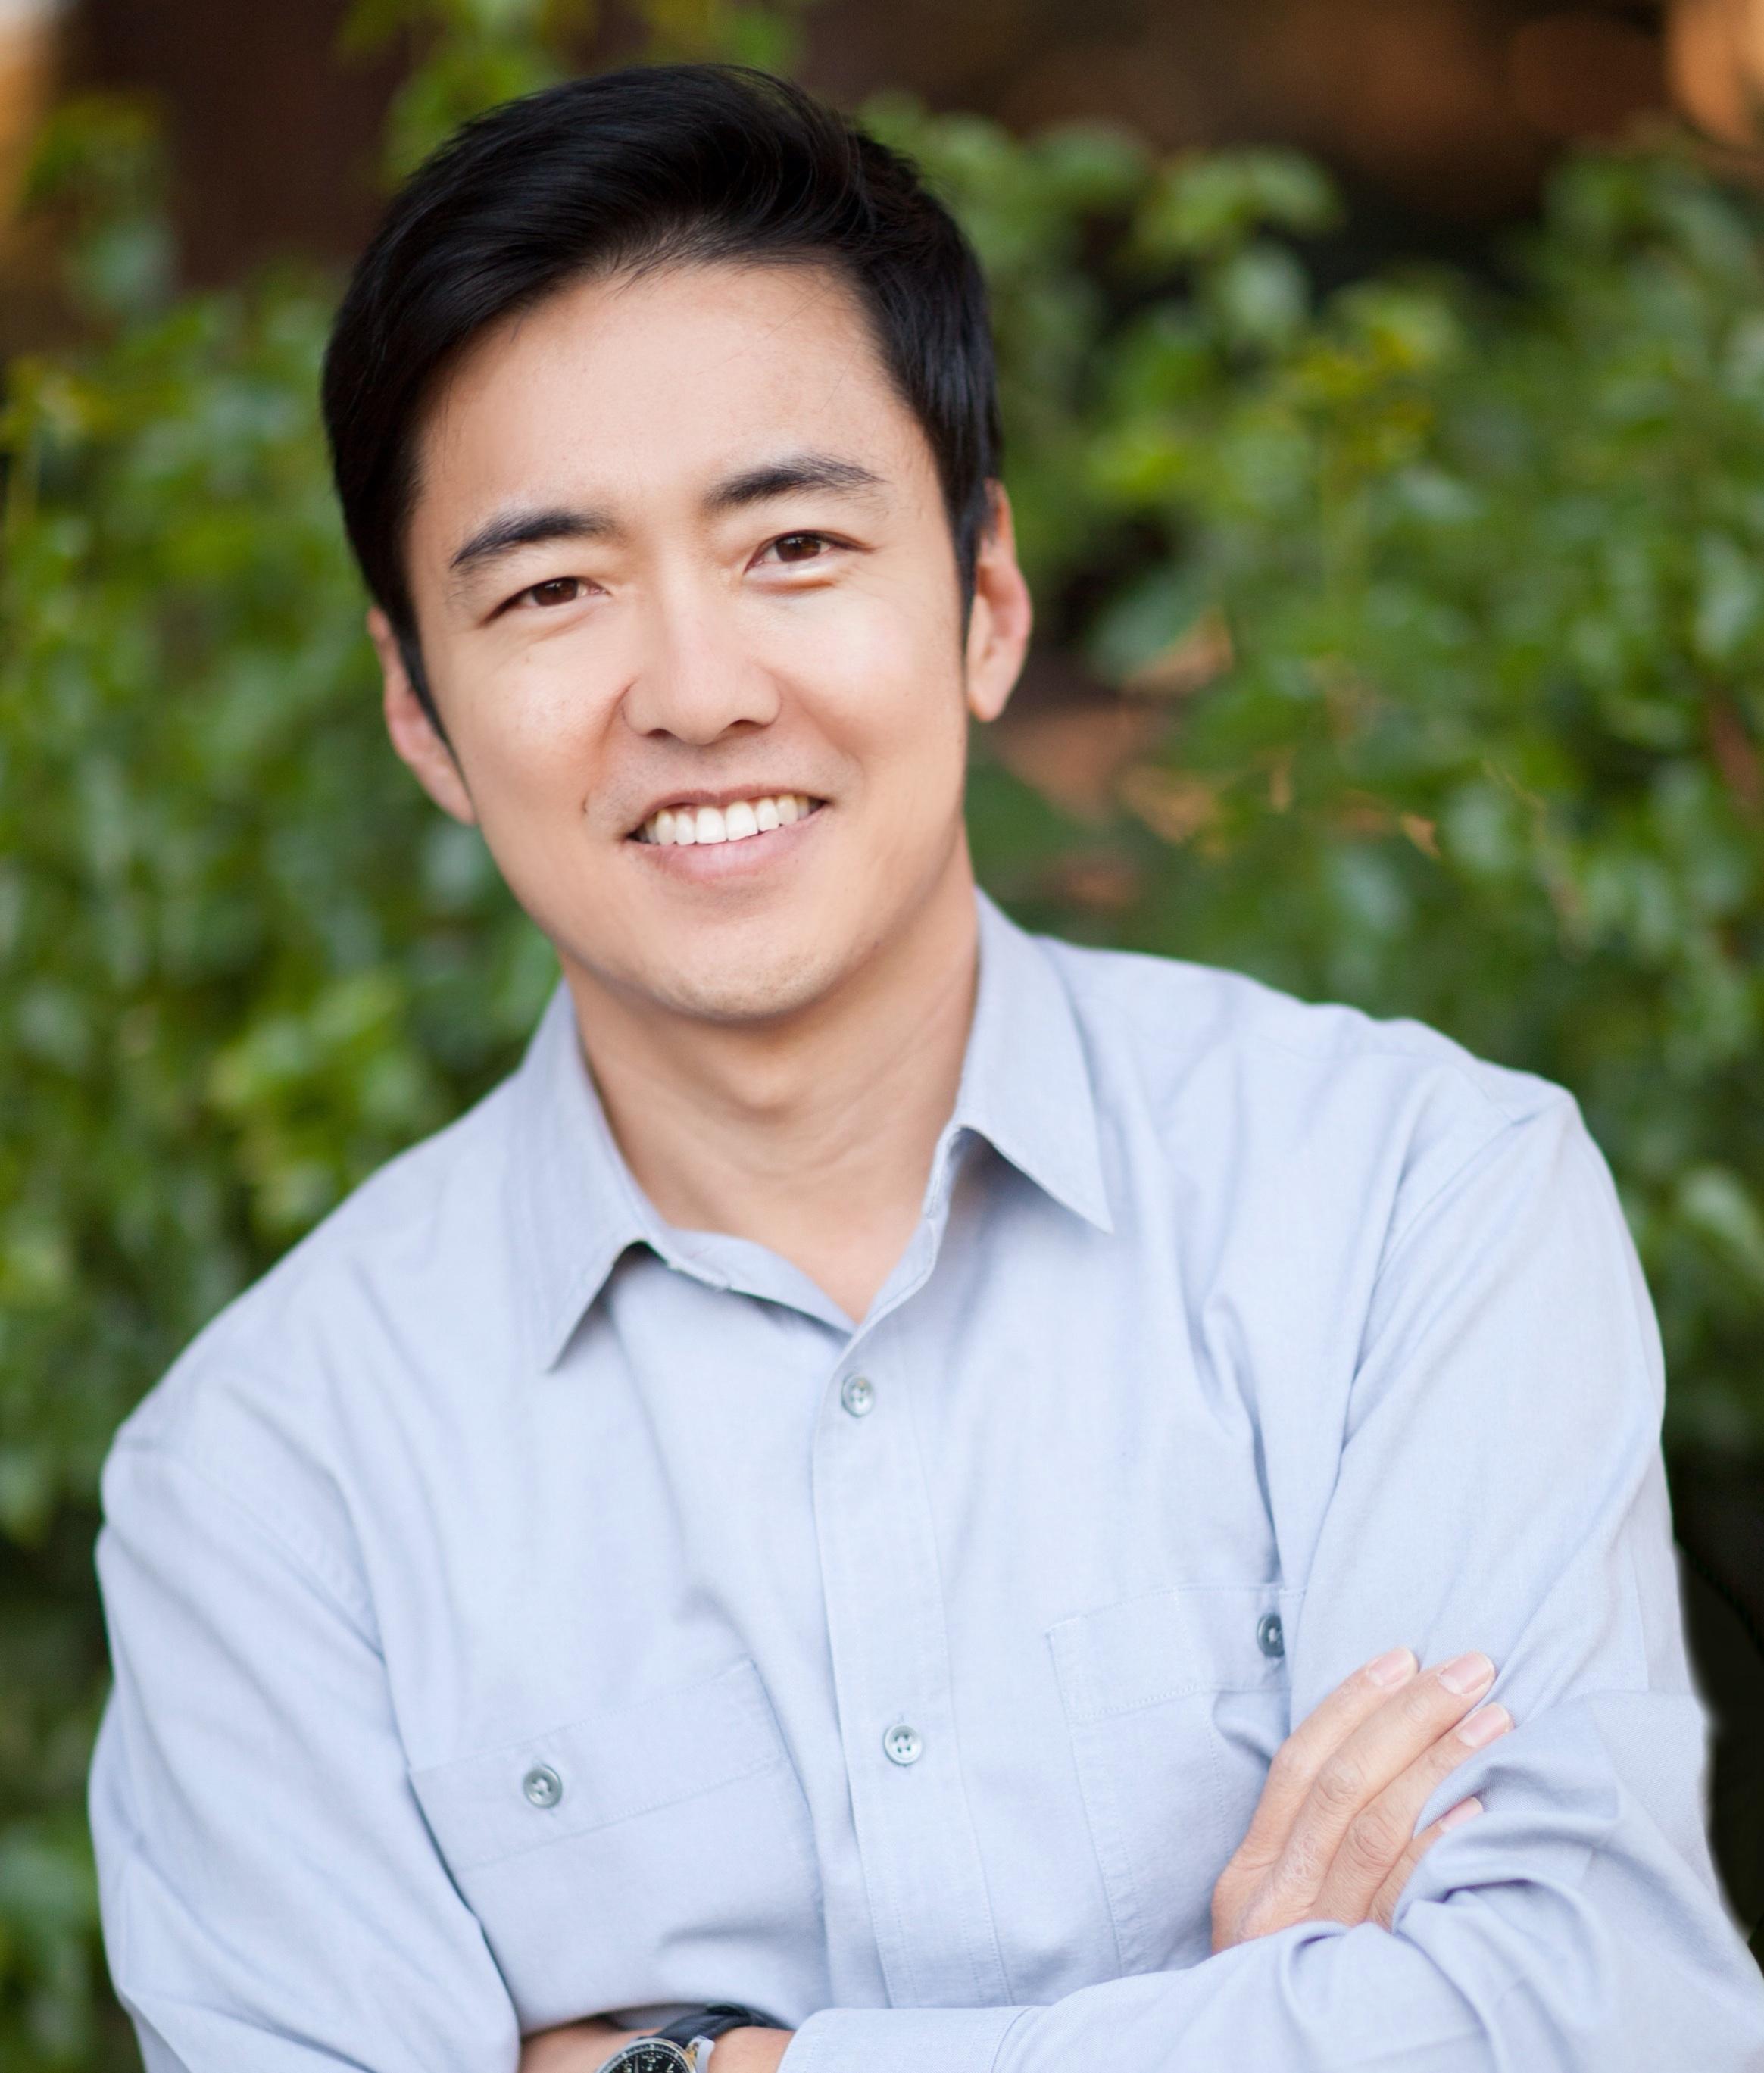 David C. Lee